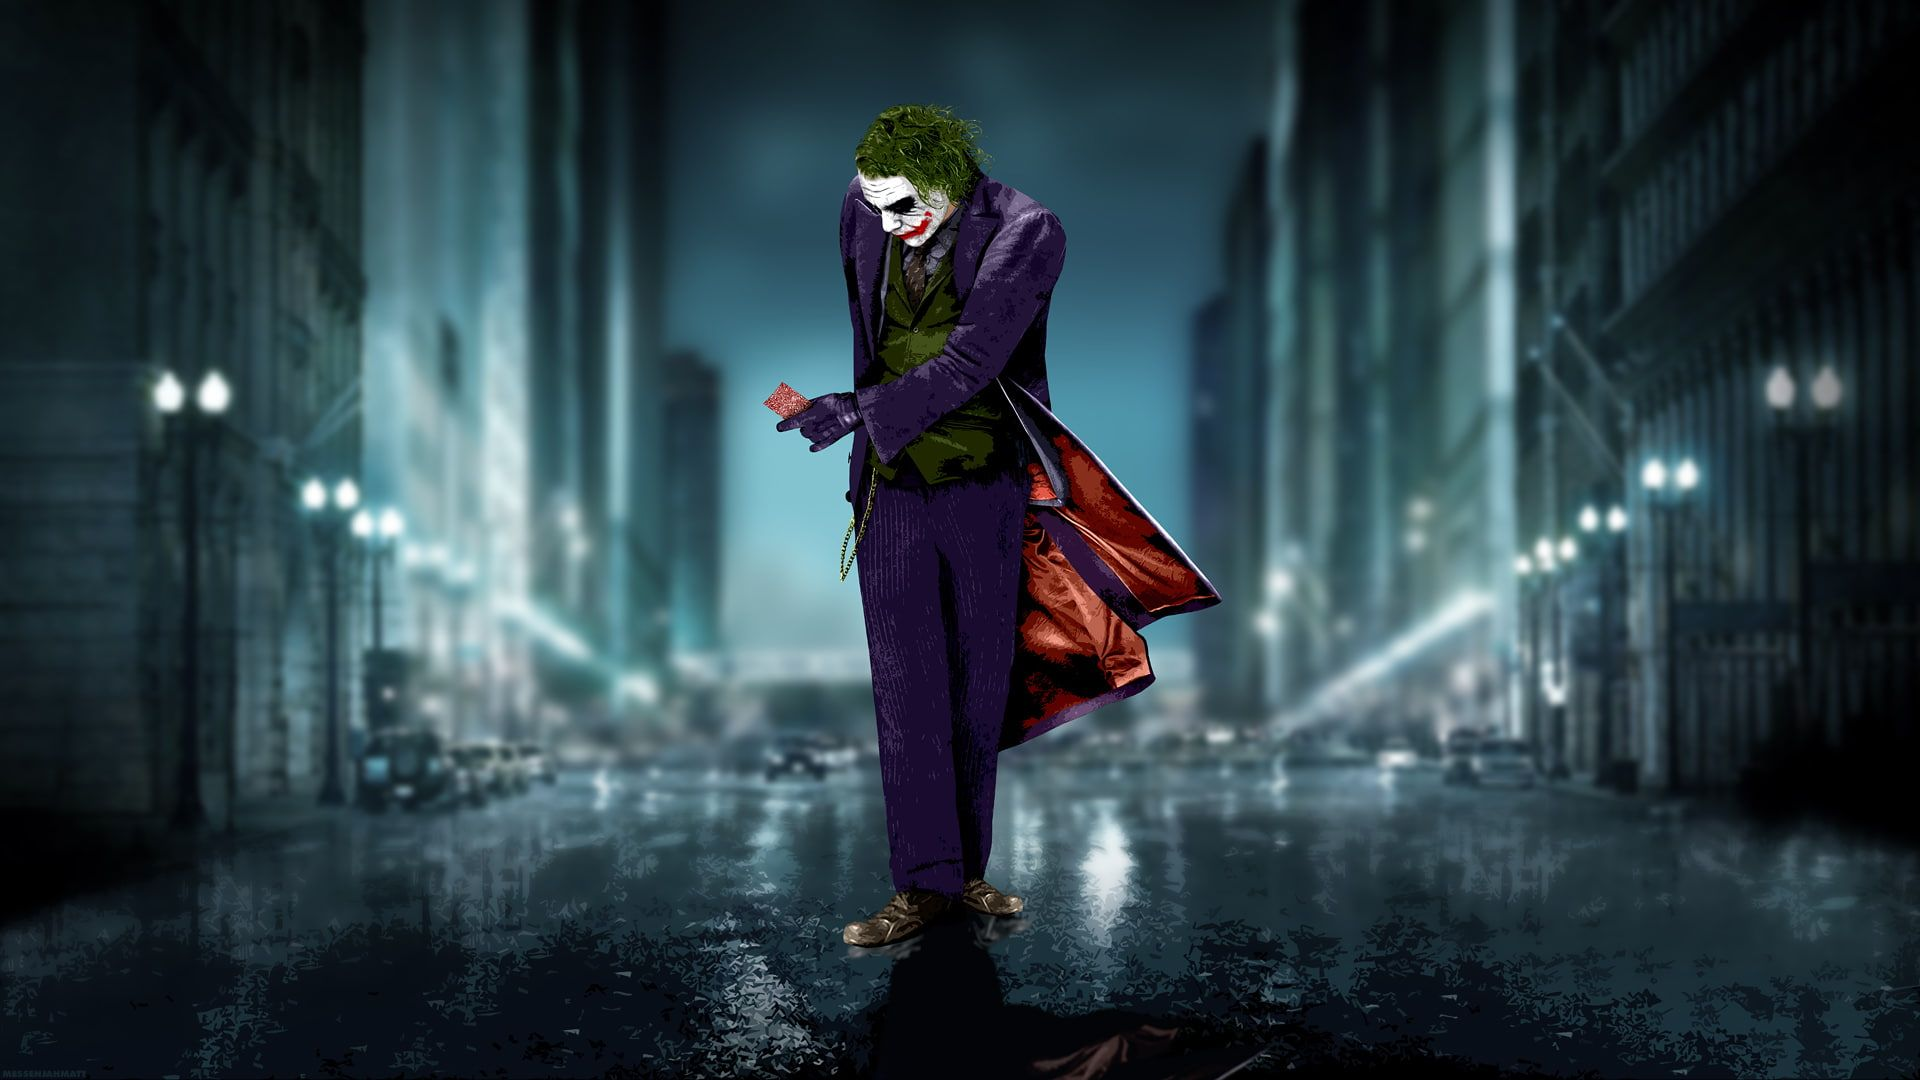 Batman The Dark Knight Joker Hd Movies The Dark Batman Knight Joker 1080p Wallpaper Hdwallpa Joker Hd Wallpaper Batman Joker Wallpaper Joker Wallpaper